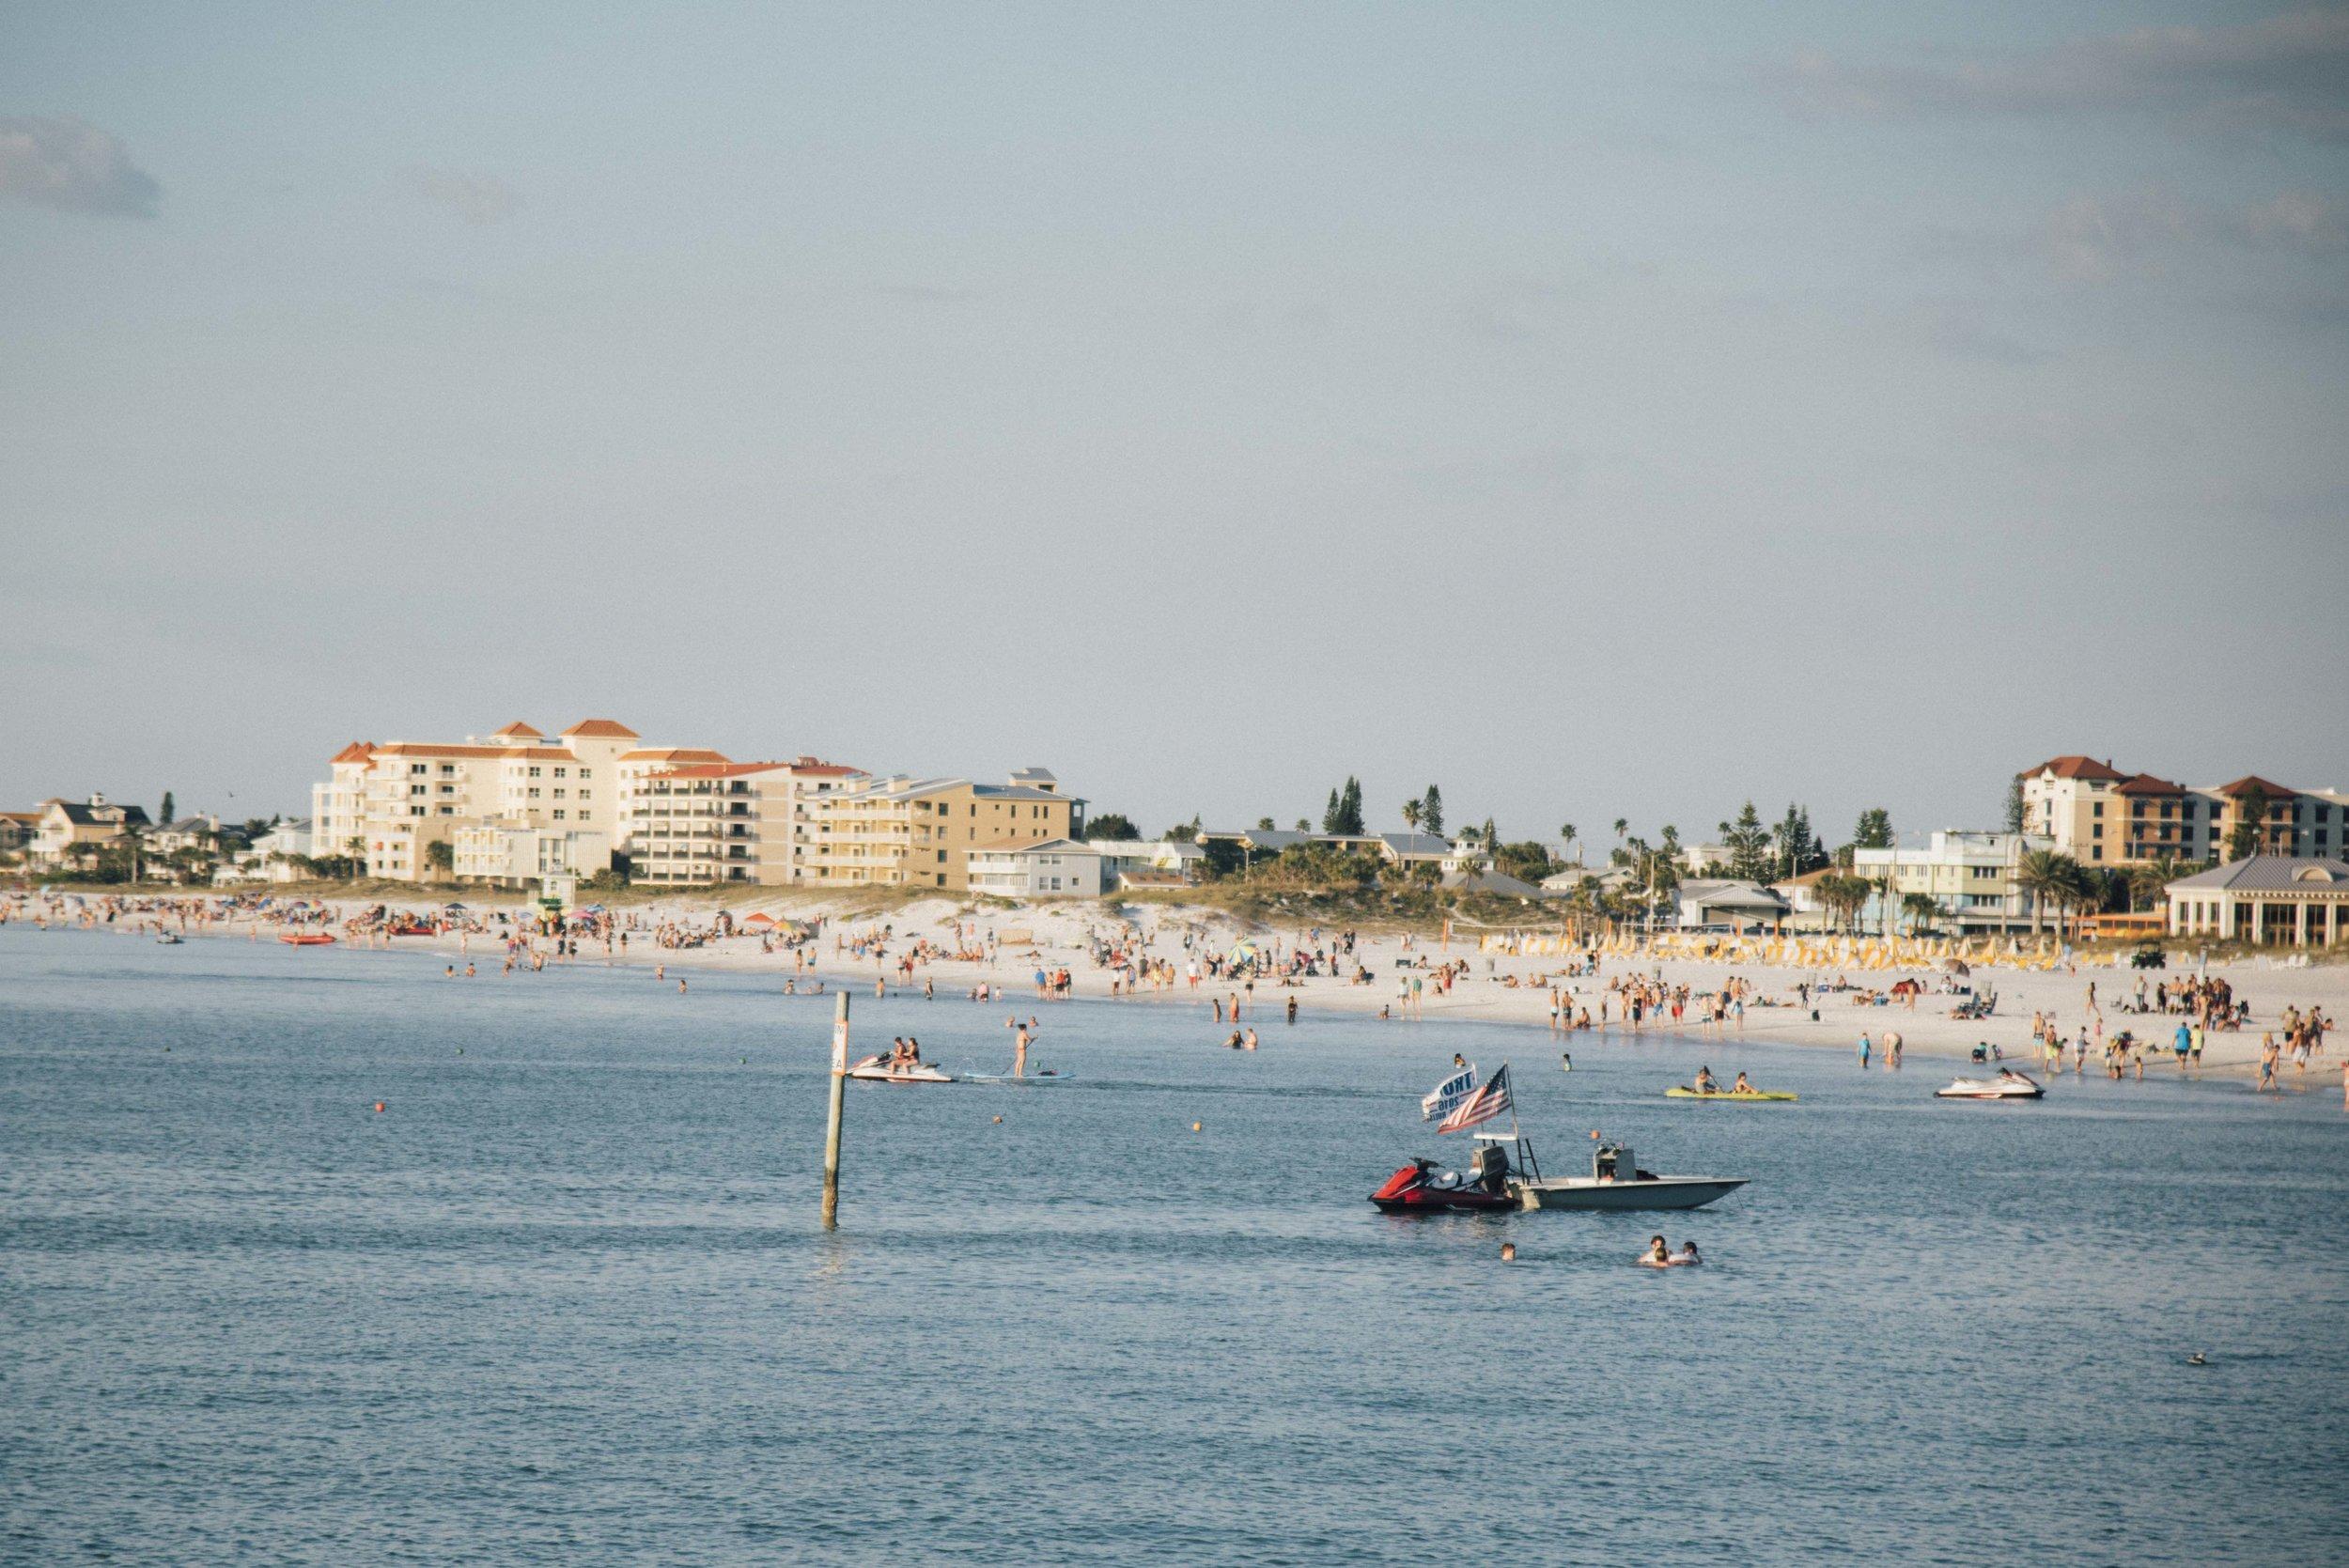 Clearwater Beach, FL, USA